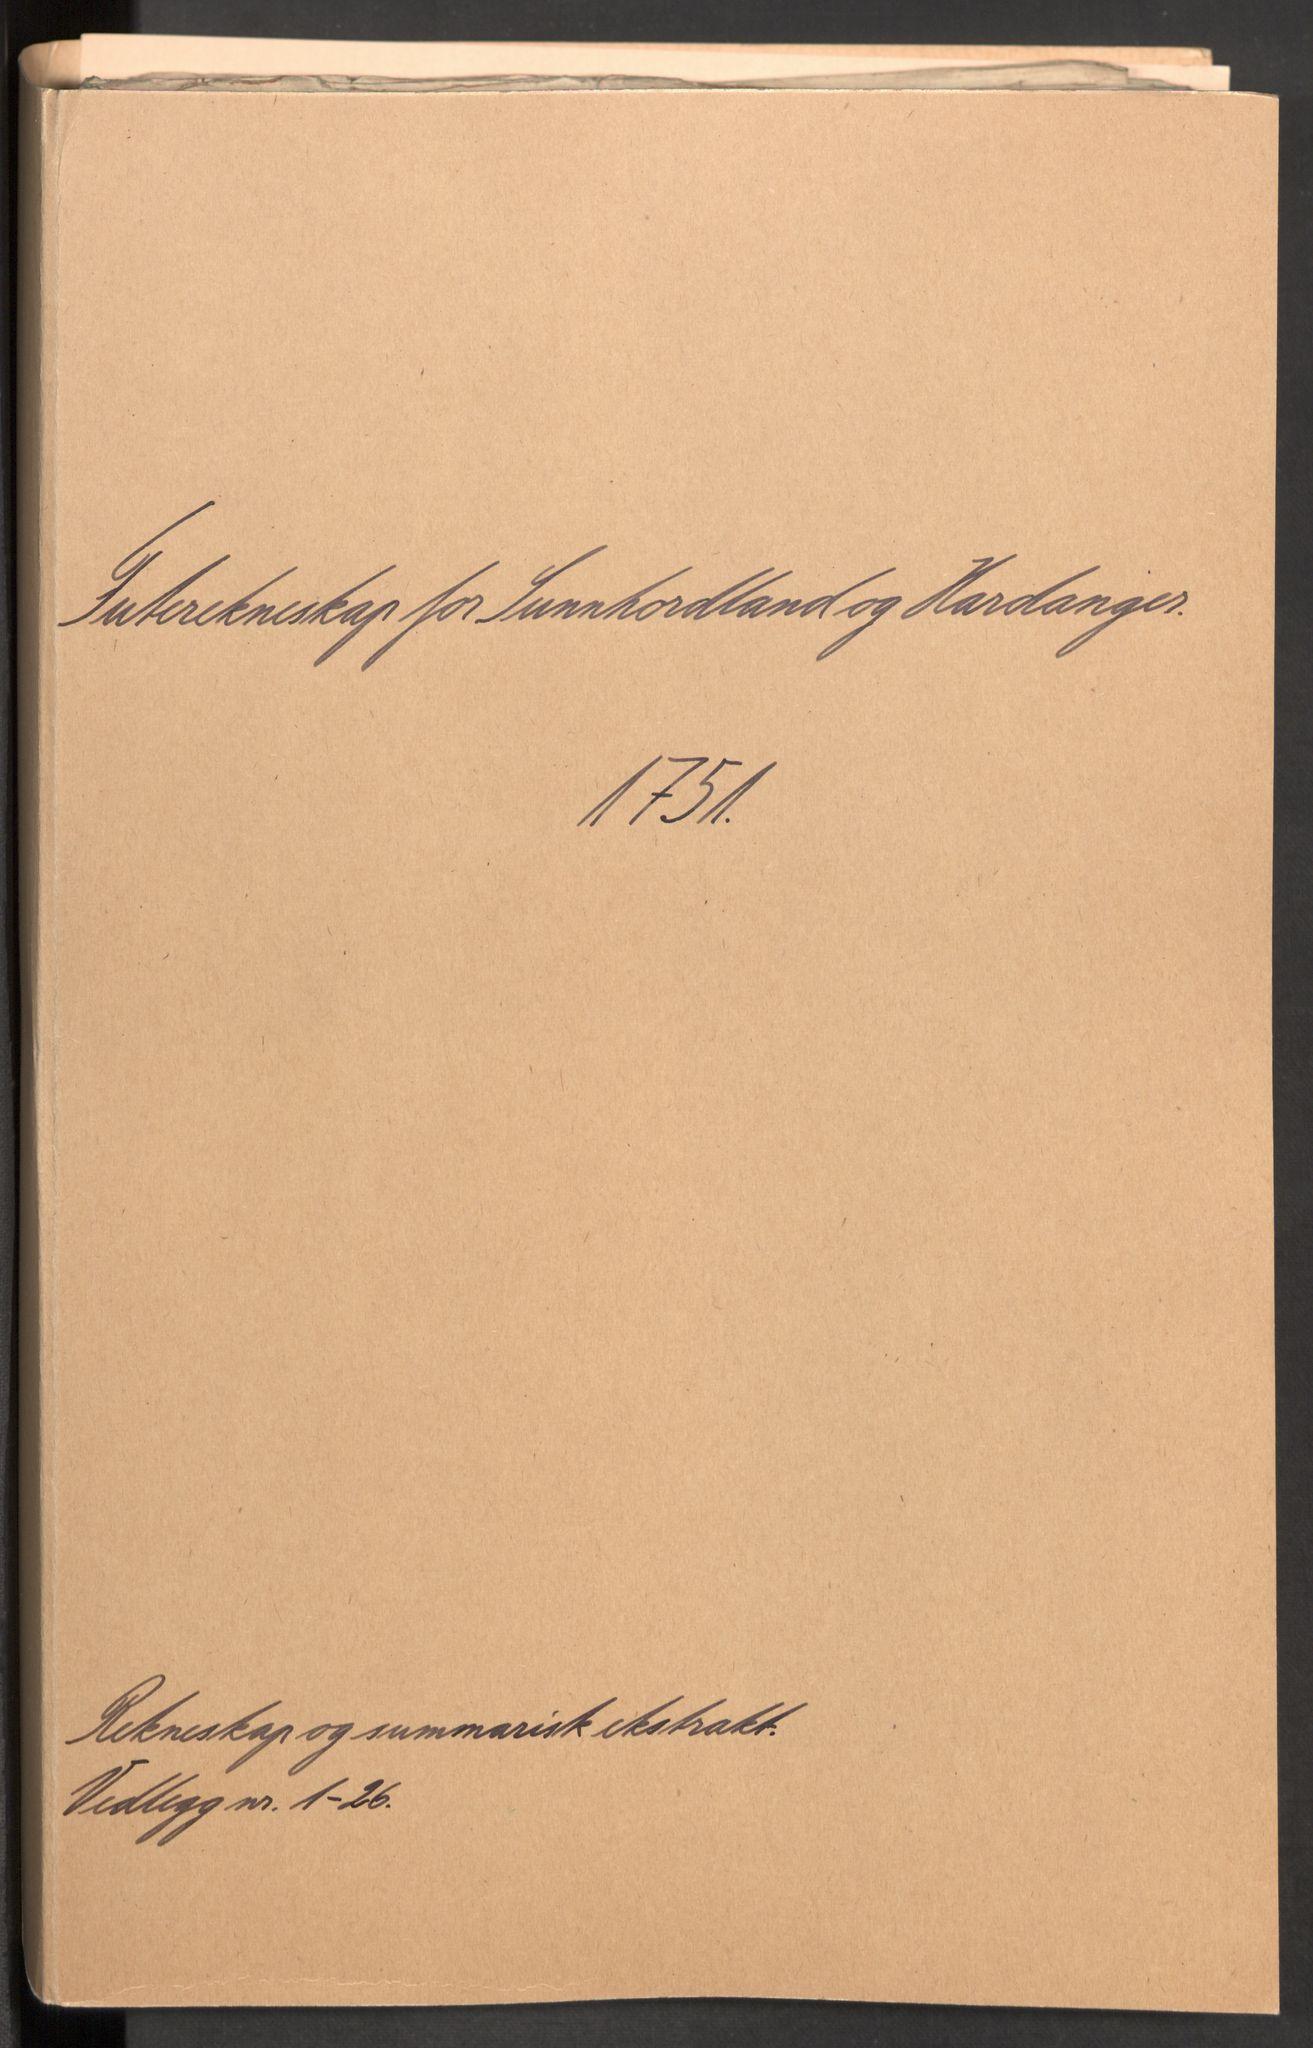 RA, Rentekammeret inntil 1814, Reviderte regnskaper, Fogderegnskap, R48/L3056: Fogderegnskap Sunnhordland og Hardanger, 1751, s. 2